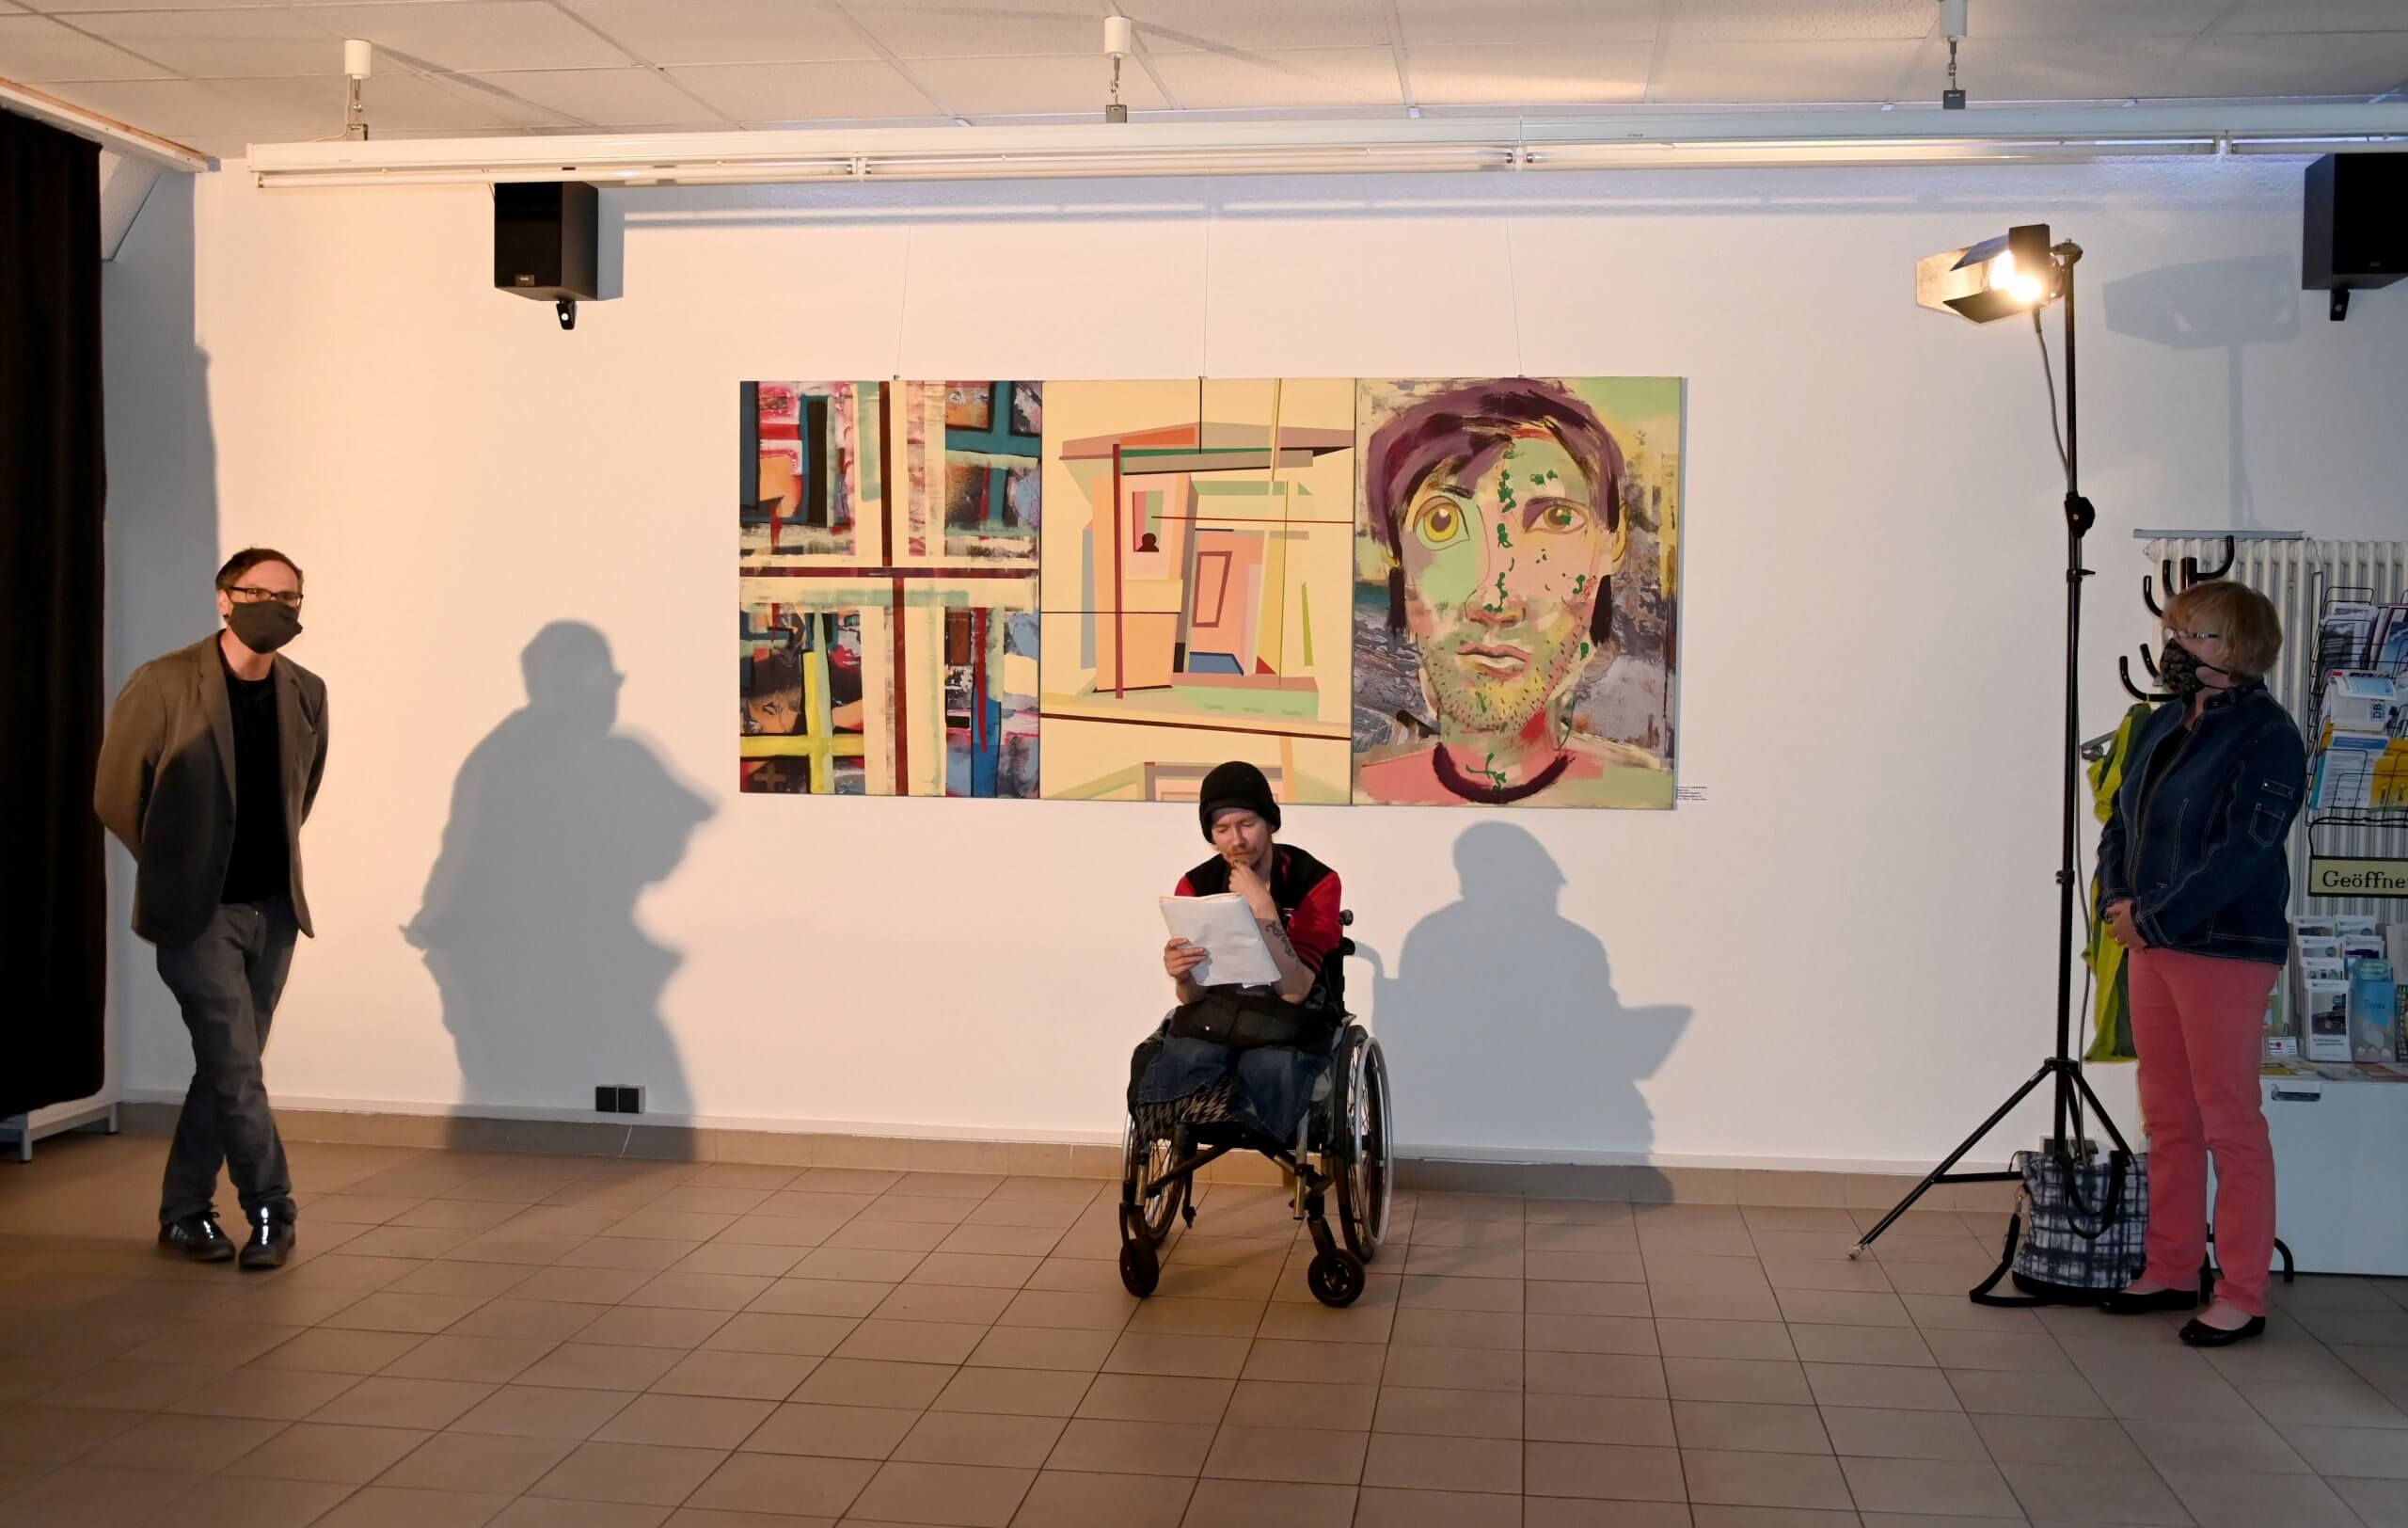 Das Bild zeigt den vortragenden Dichter Marko Lakowski am Abend der Vernissage zur Ausstellung Große Kunst in Altglienicke.